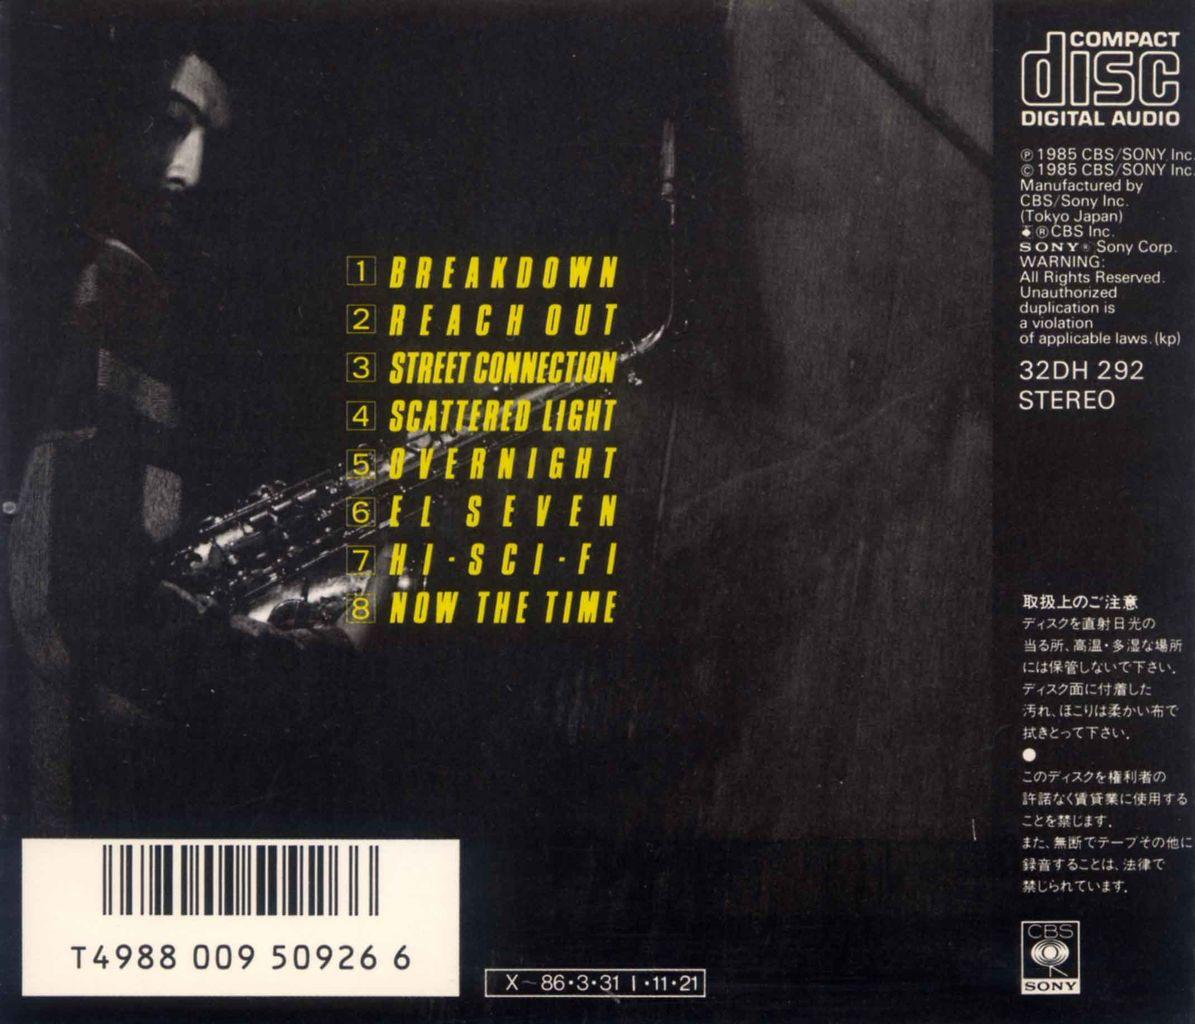 EL SEVEN-2